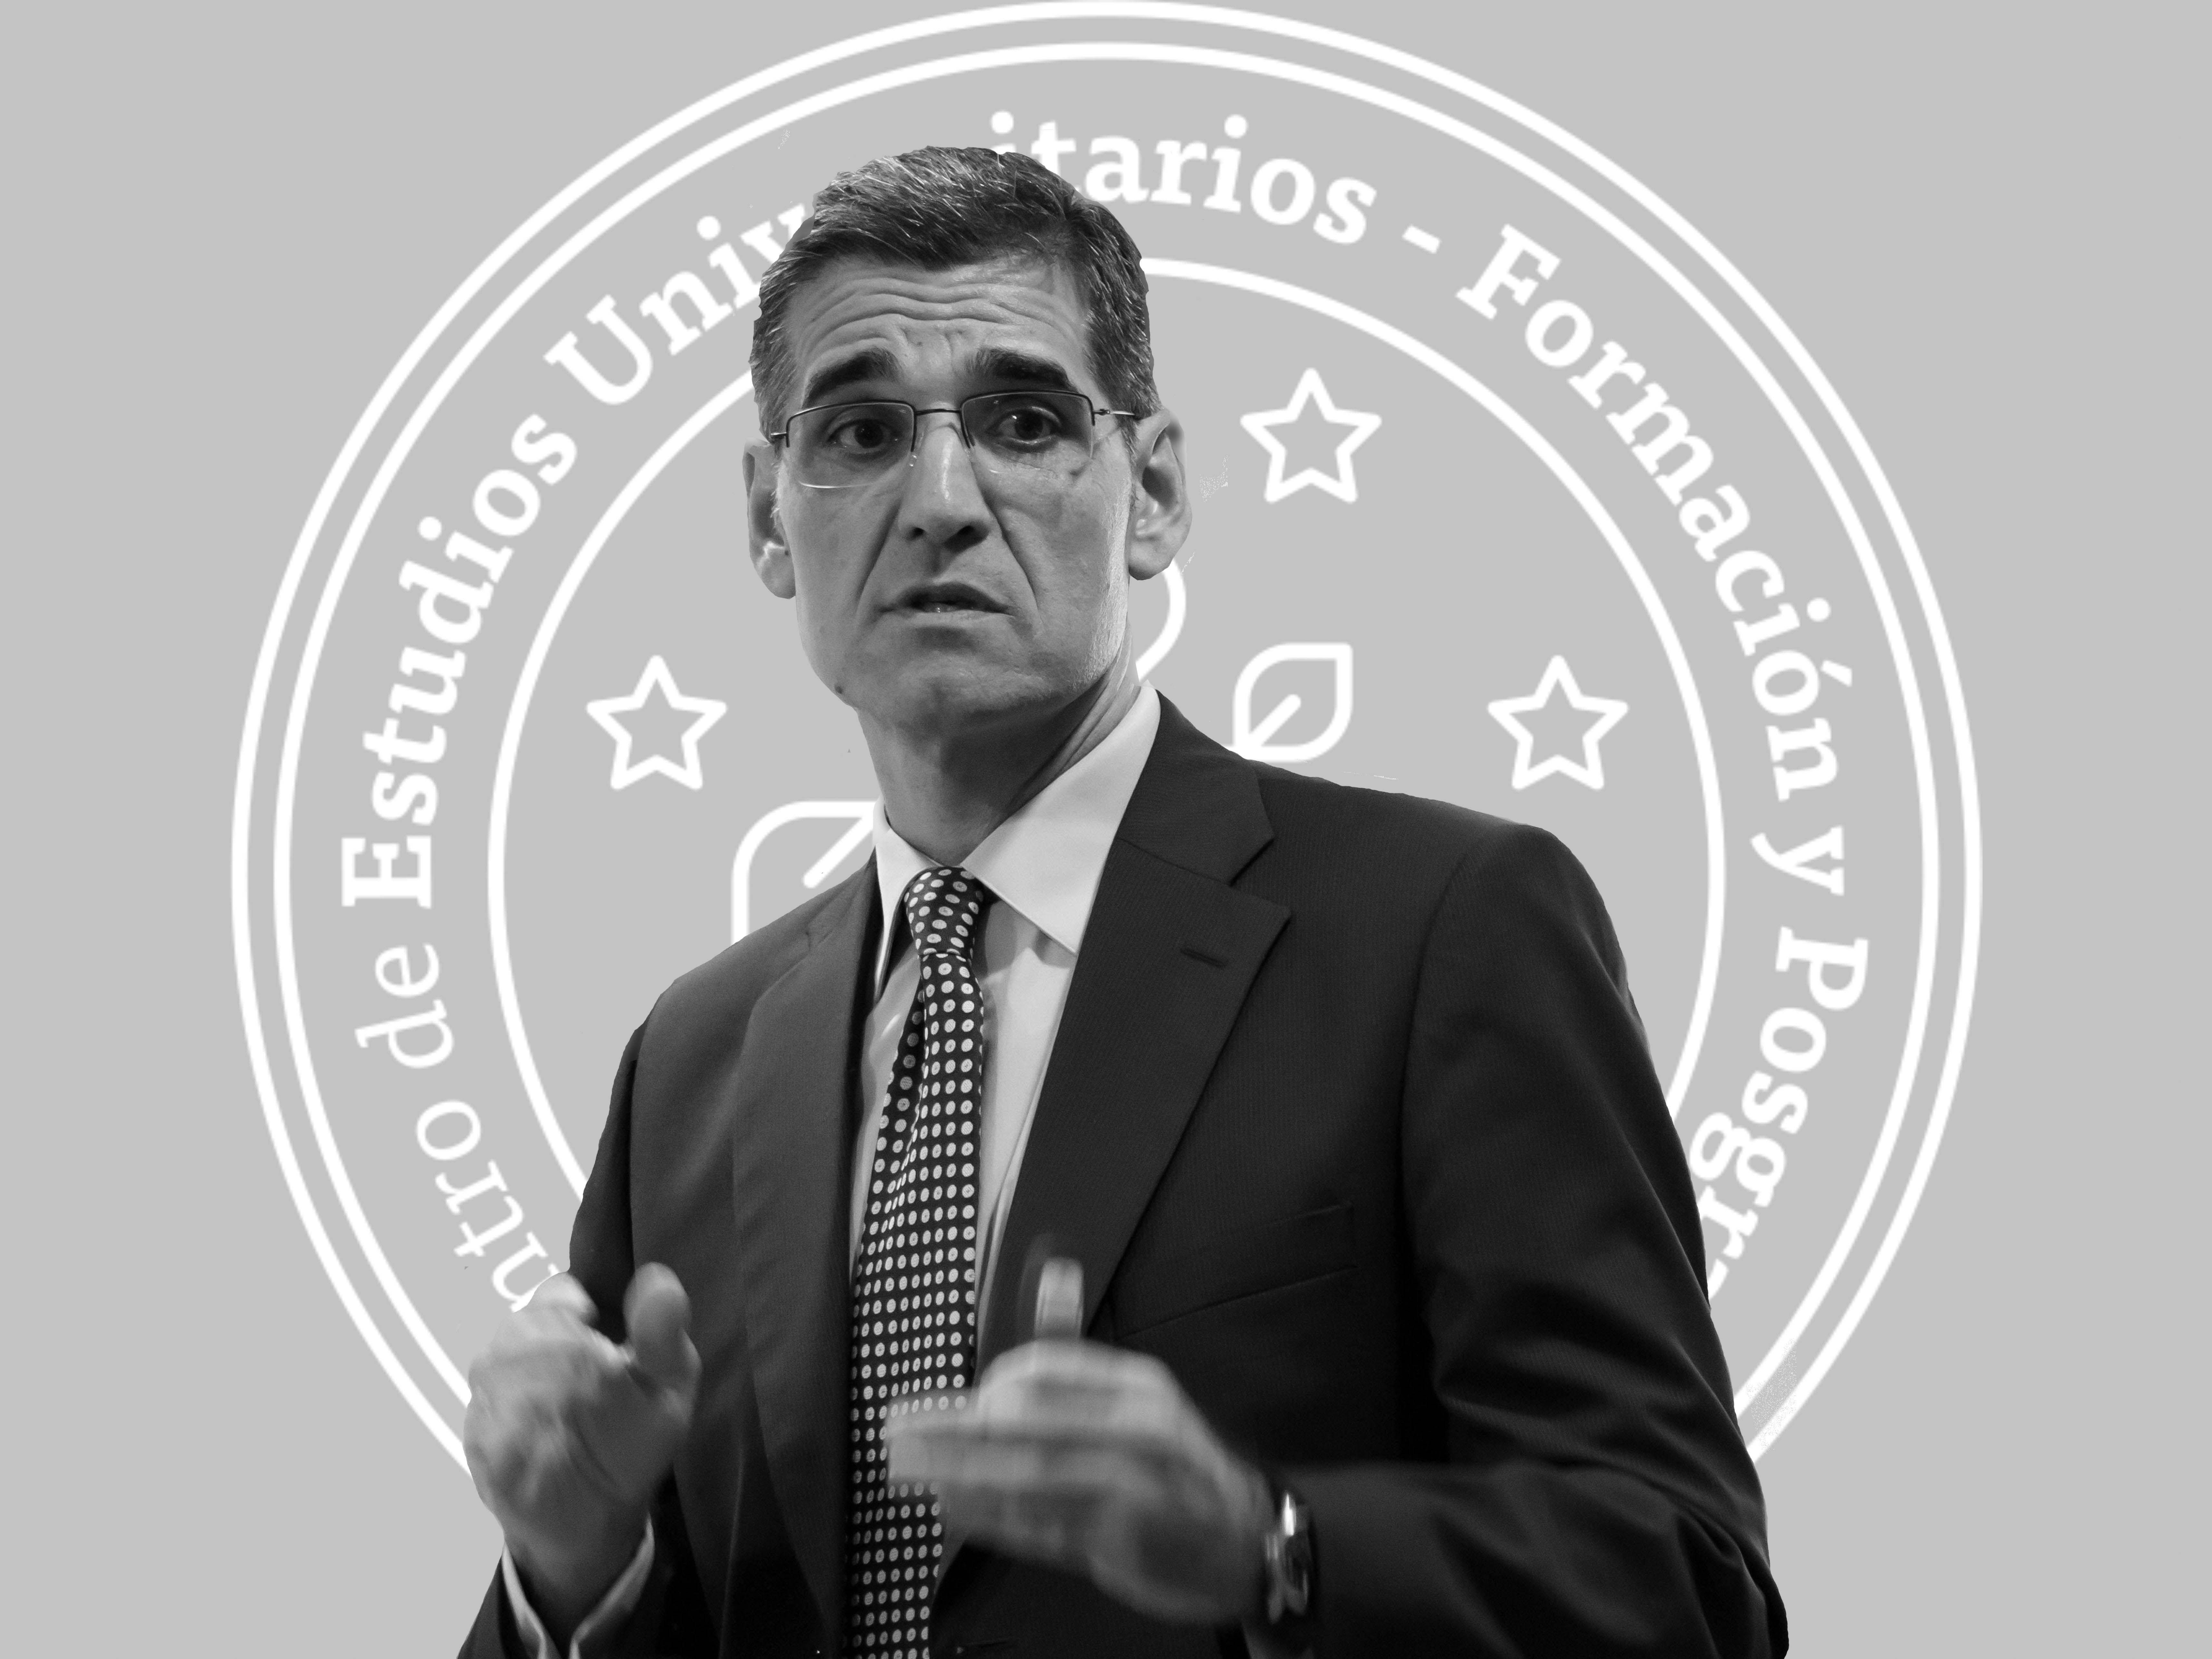 Fotografia El periodista Javier Reyero, profesor de Comunicación